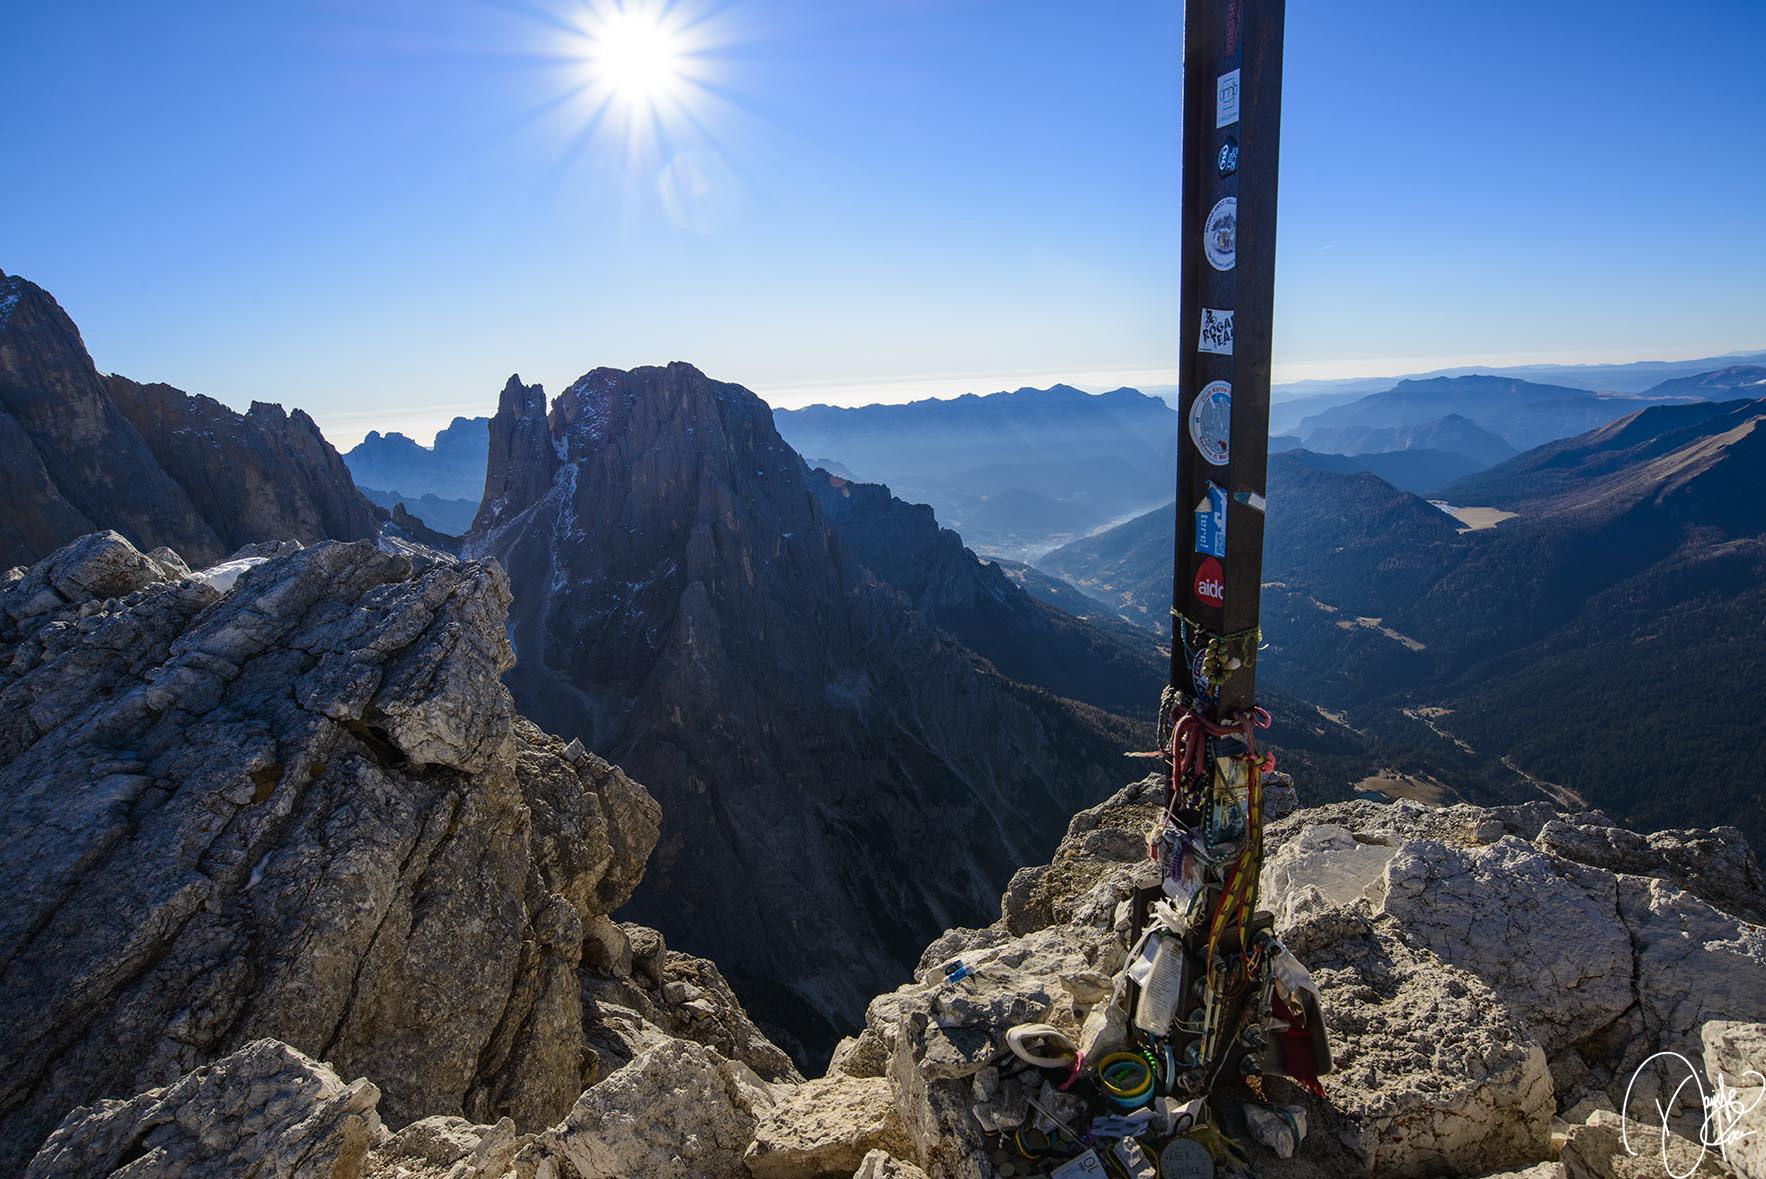 daniele pace - mytravelife - fotografare in viaggio_montagna (3)